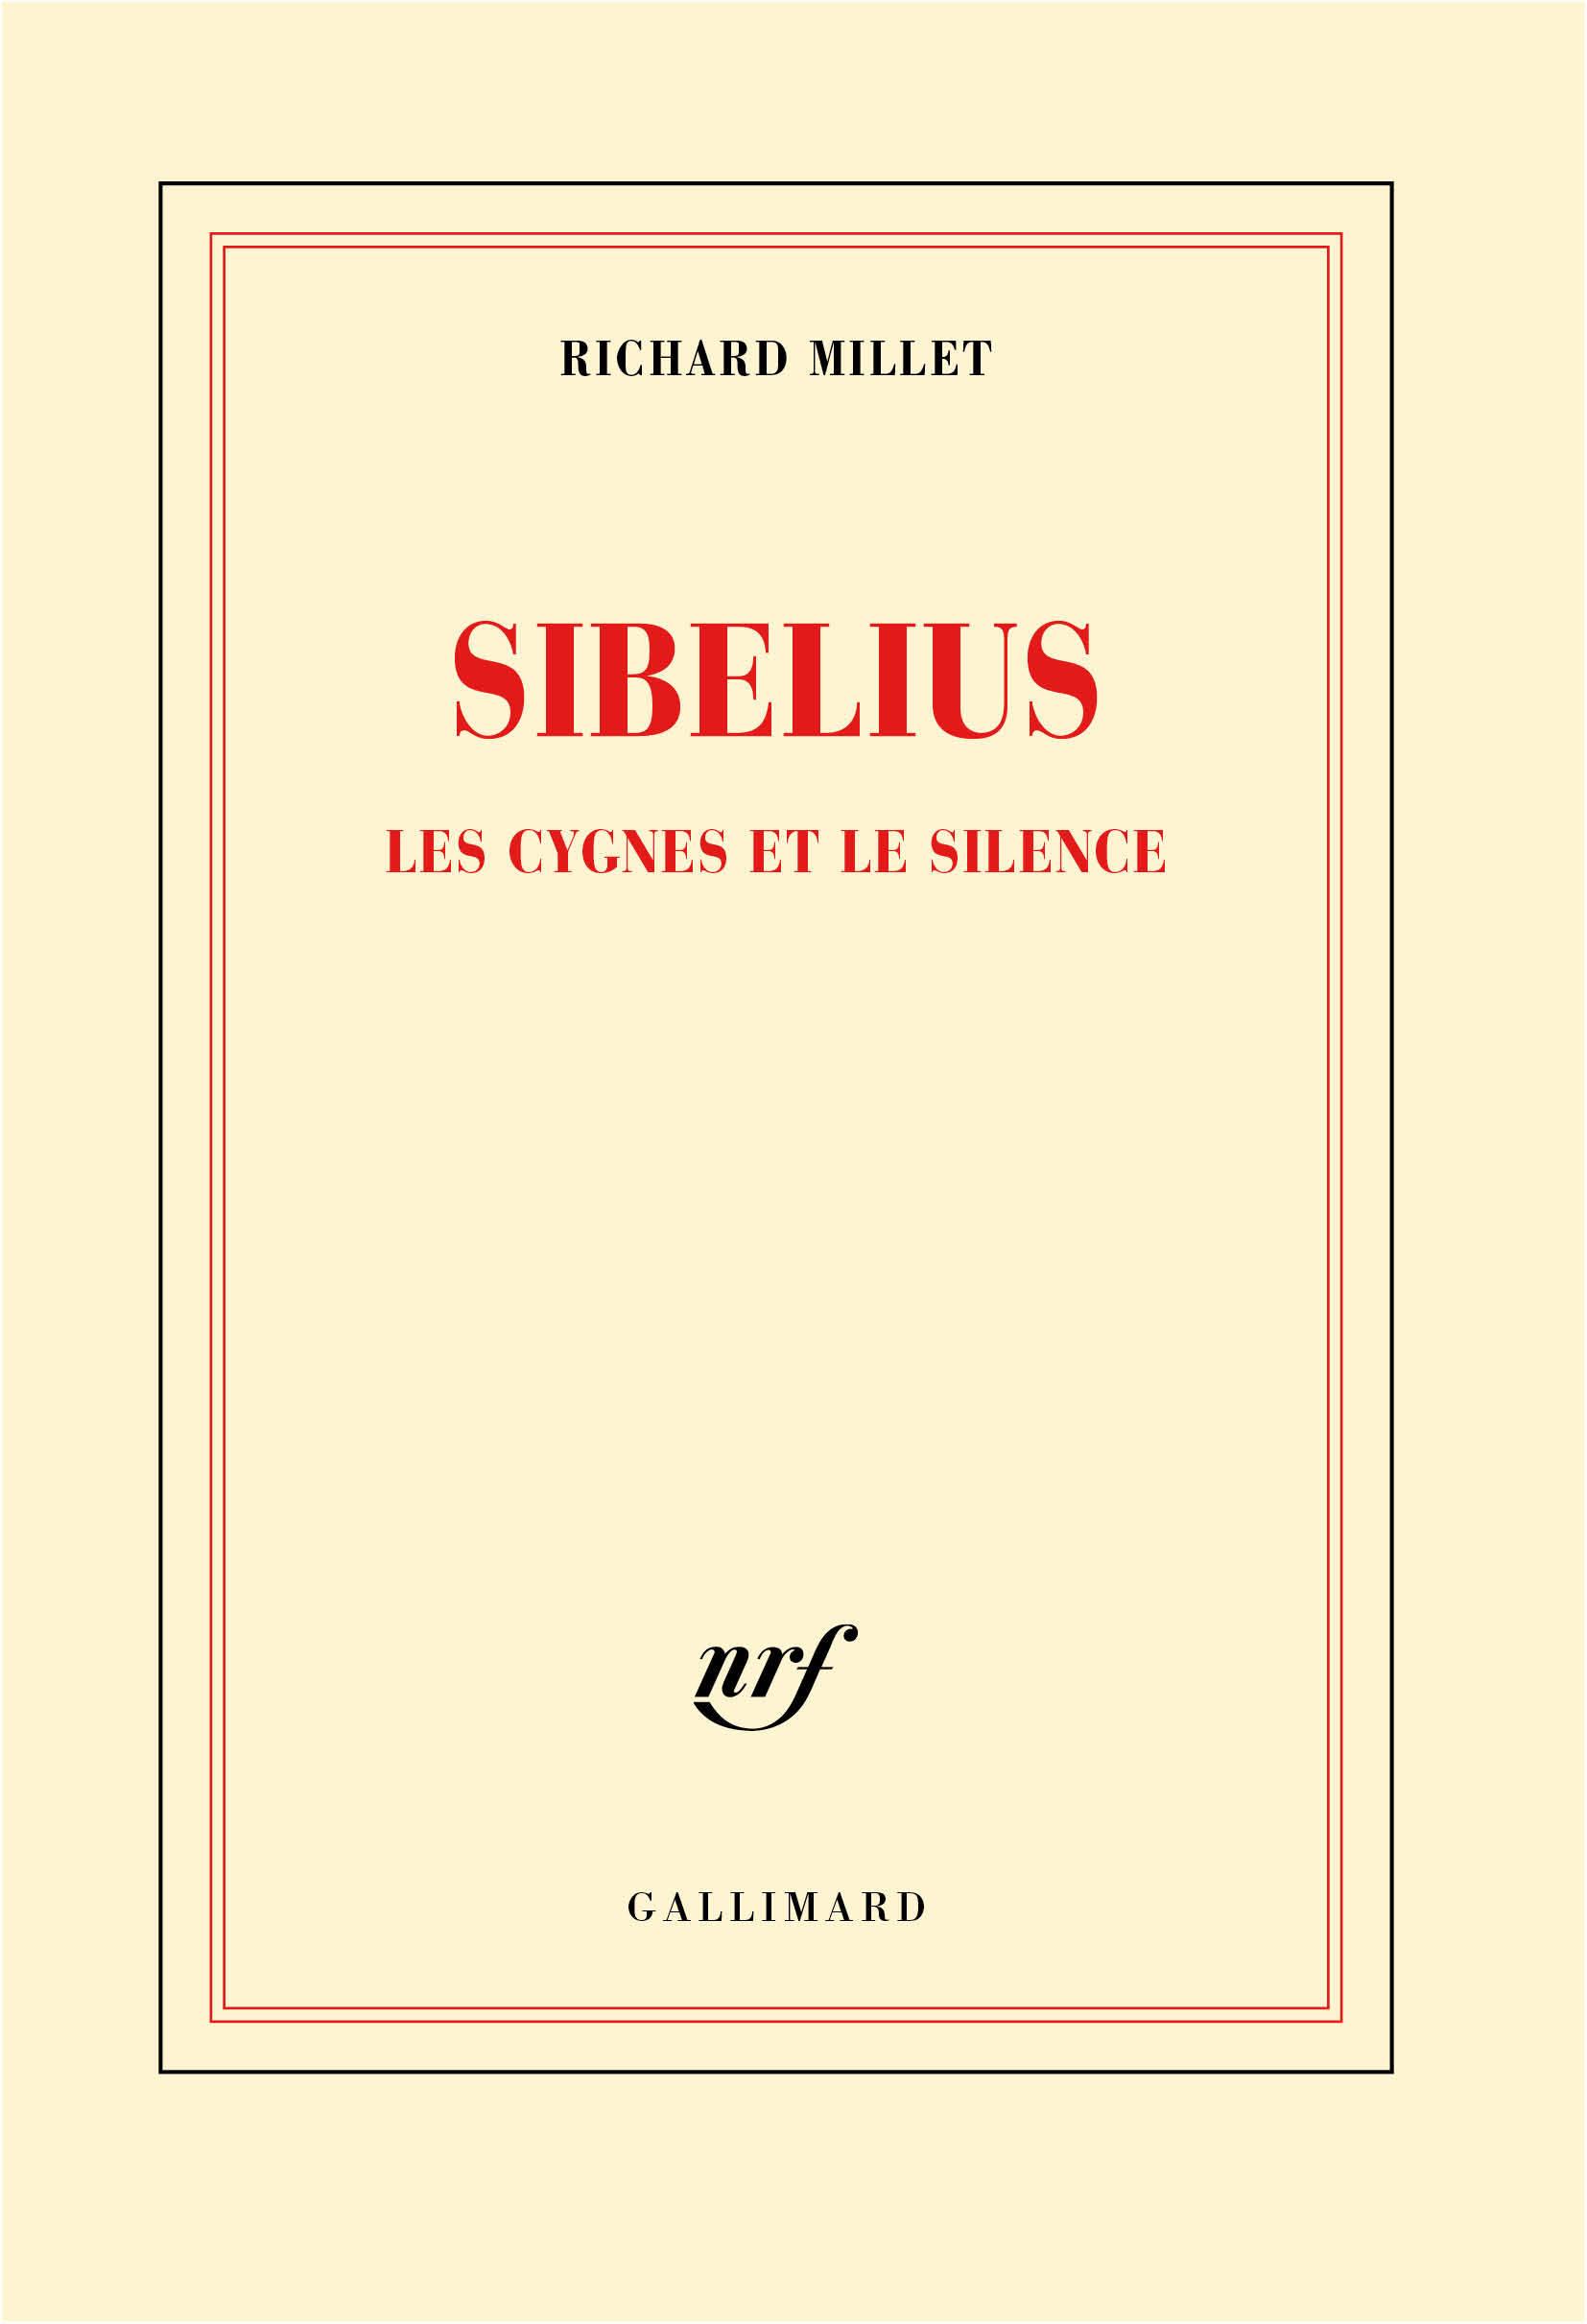 Sibelius. Les cygnes et le silence